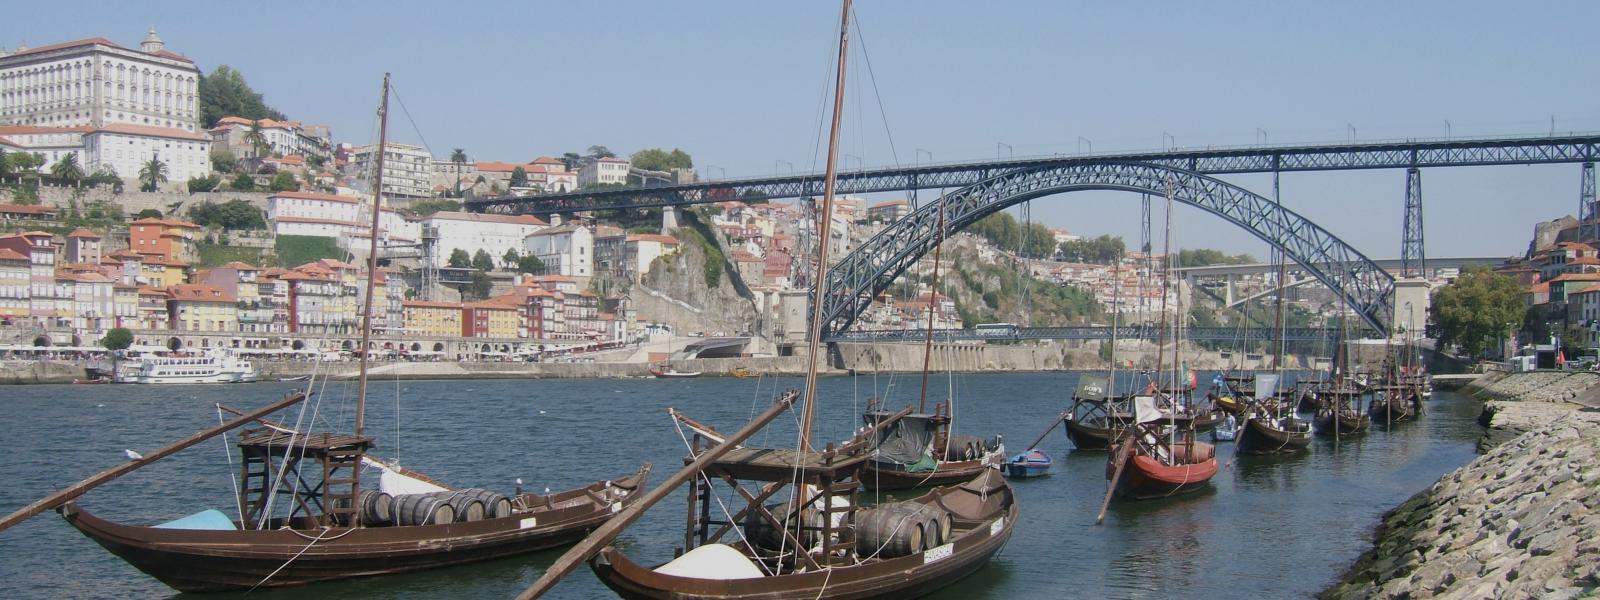 Porto - De Douro